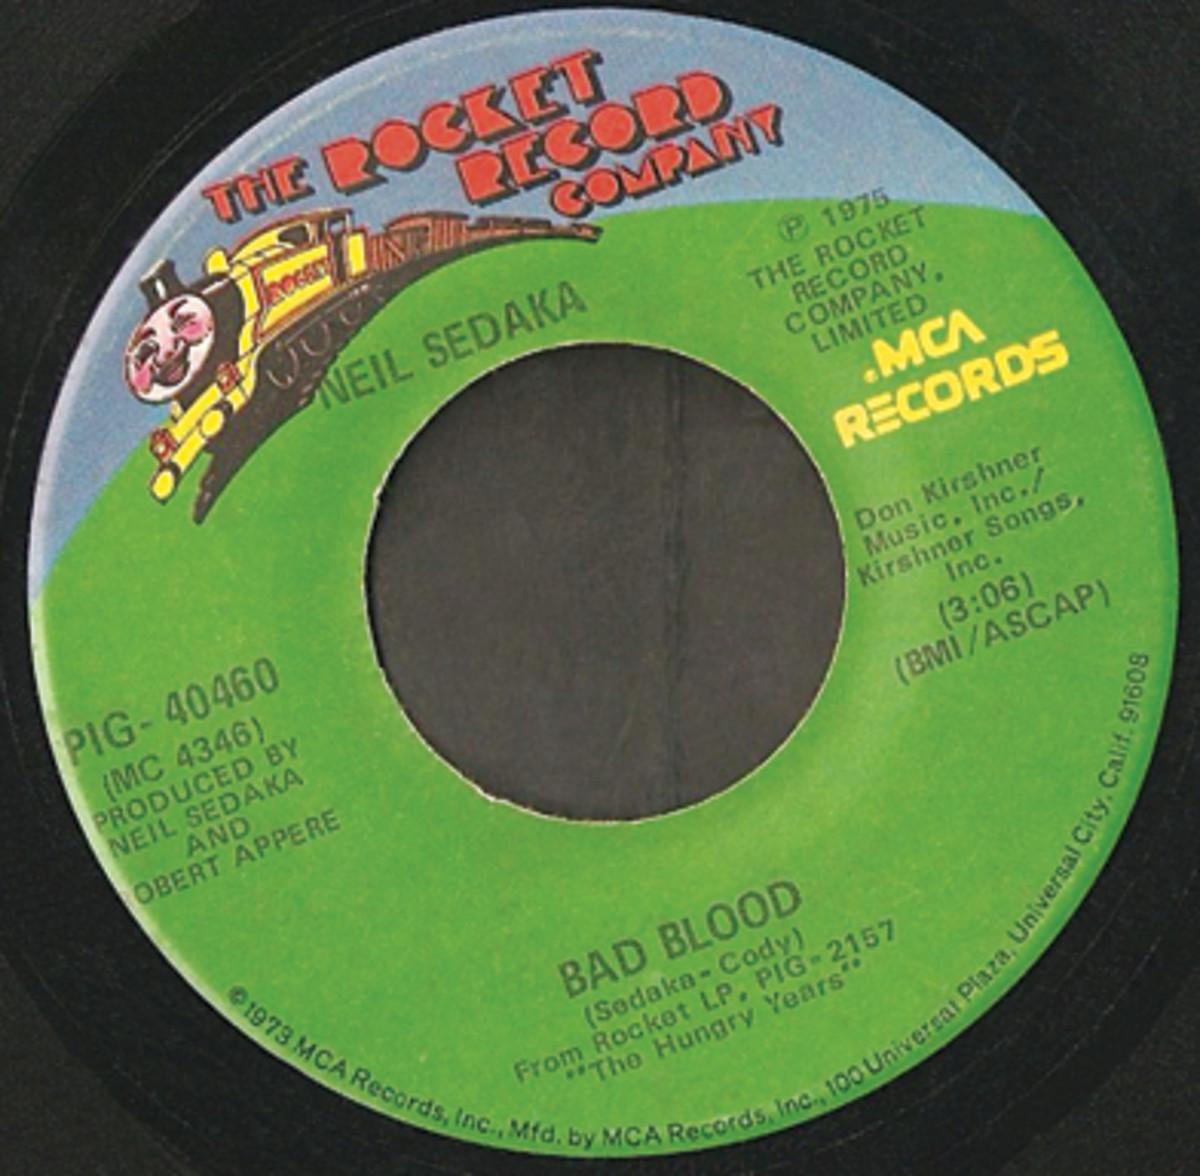 Neil Sedaka Bad Blood 45